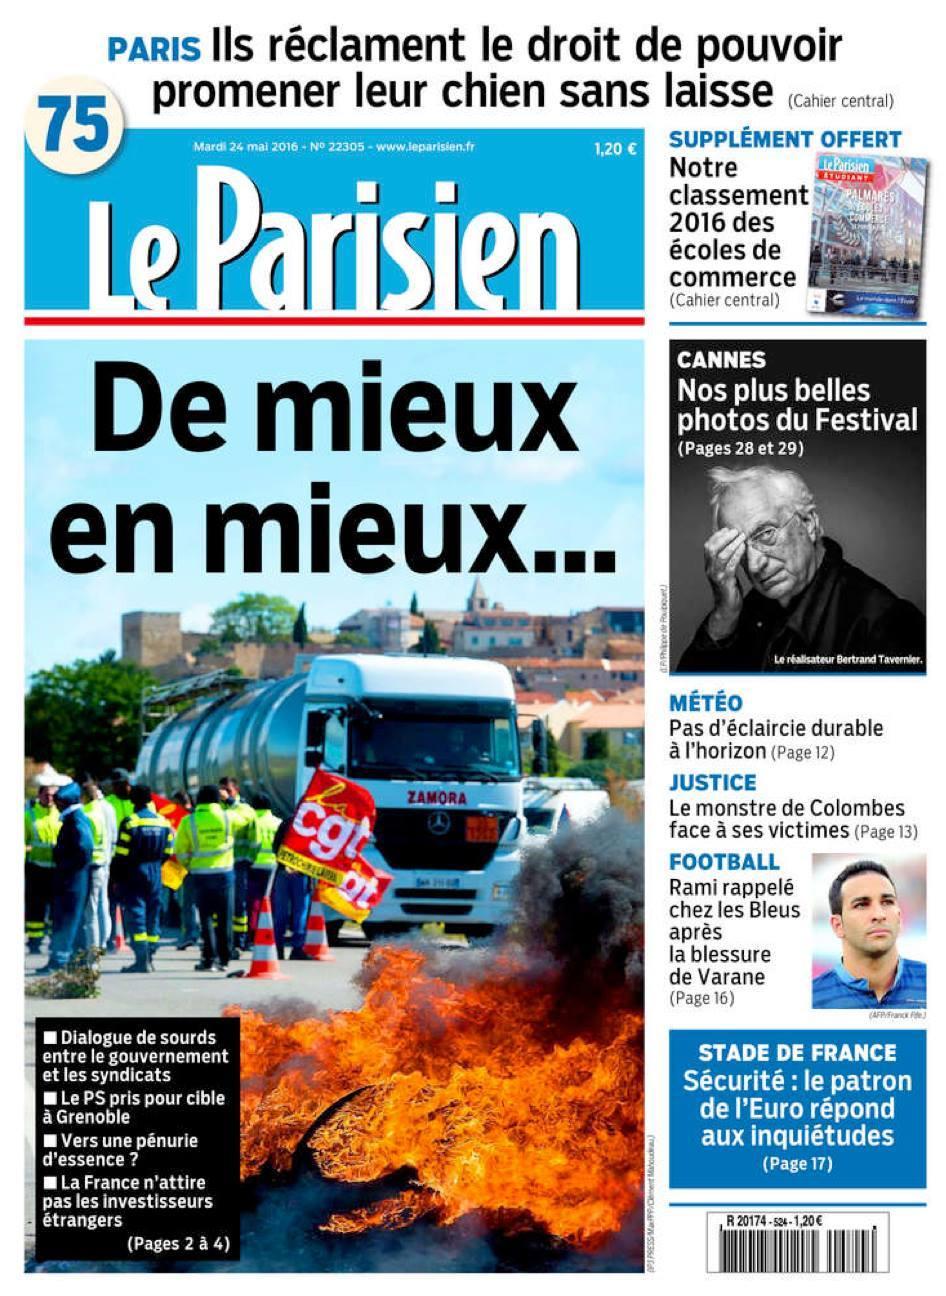 Le Parisien - 24 mai 2016 © Clément Mahoudeau.jpg